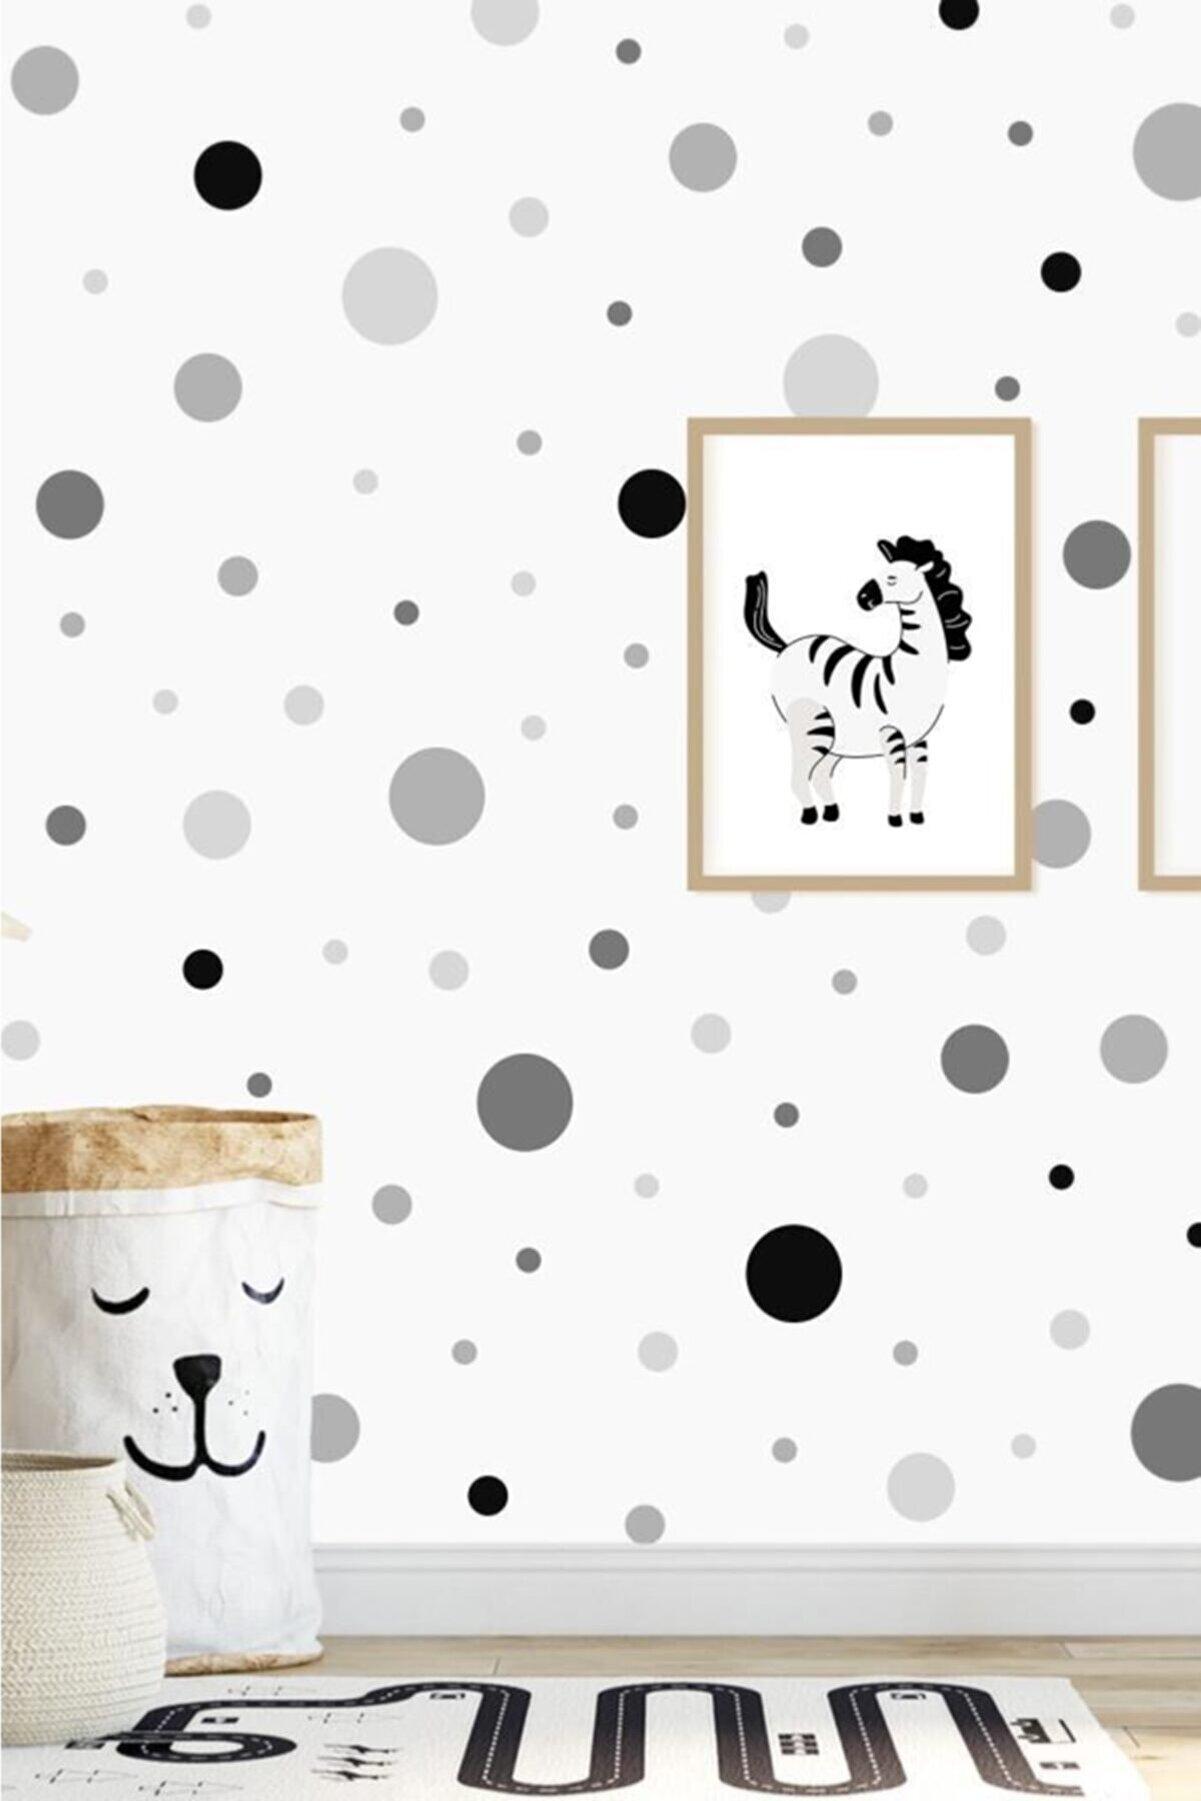 hediyepostası Gri Irili Ufaklı Yuvarlak Şekil Duvar Stickerı 96 Adet